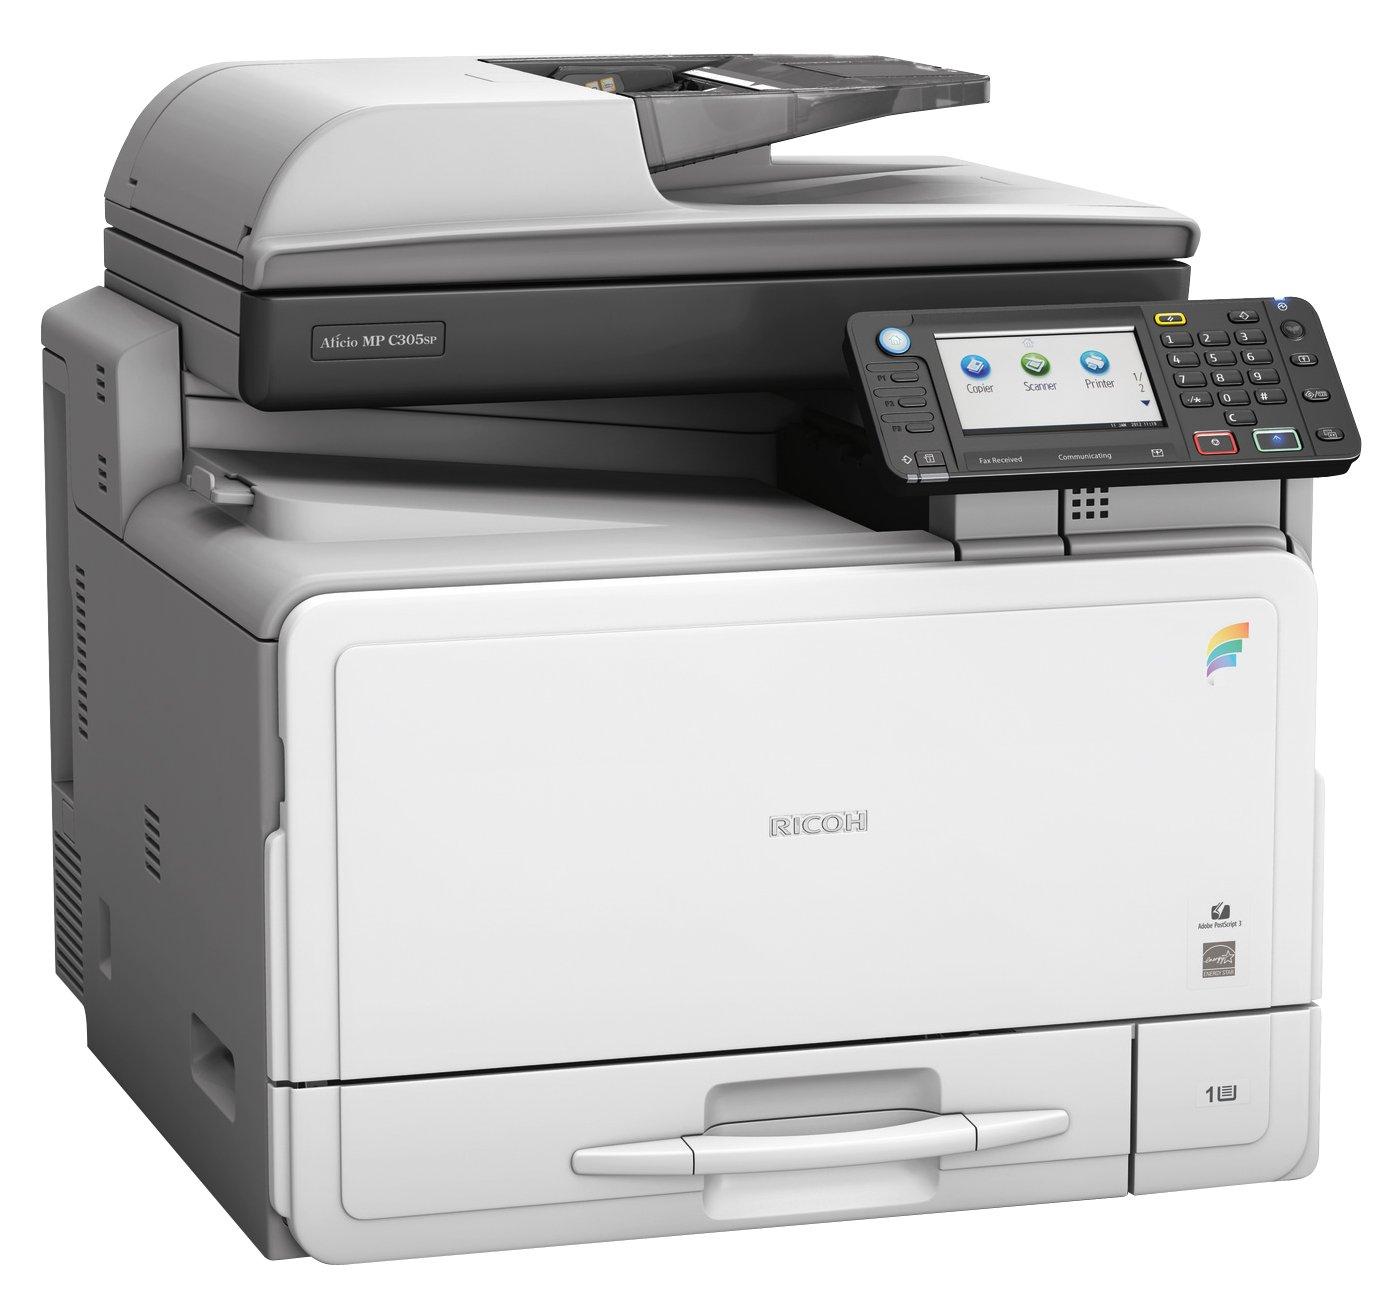 Ricoh Aficio MP C305 SPF de Colores A4-Multifunktionsgerät 4-in-1 ...